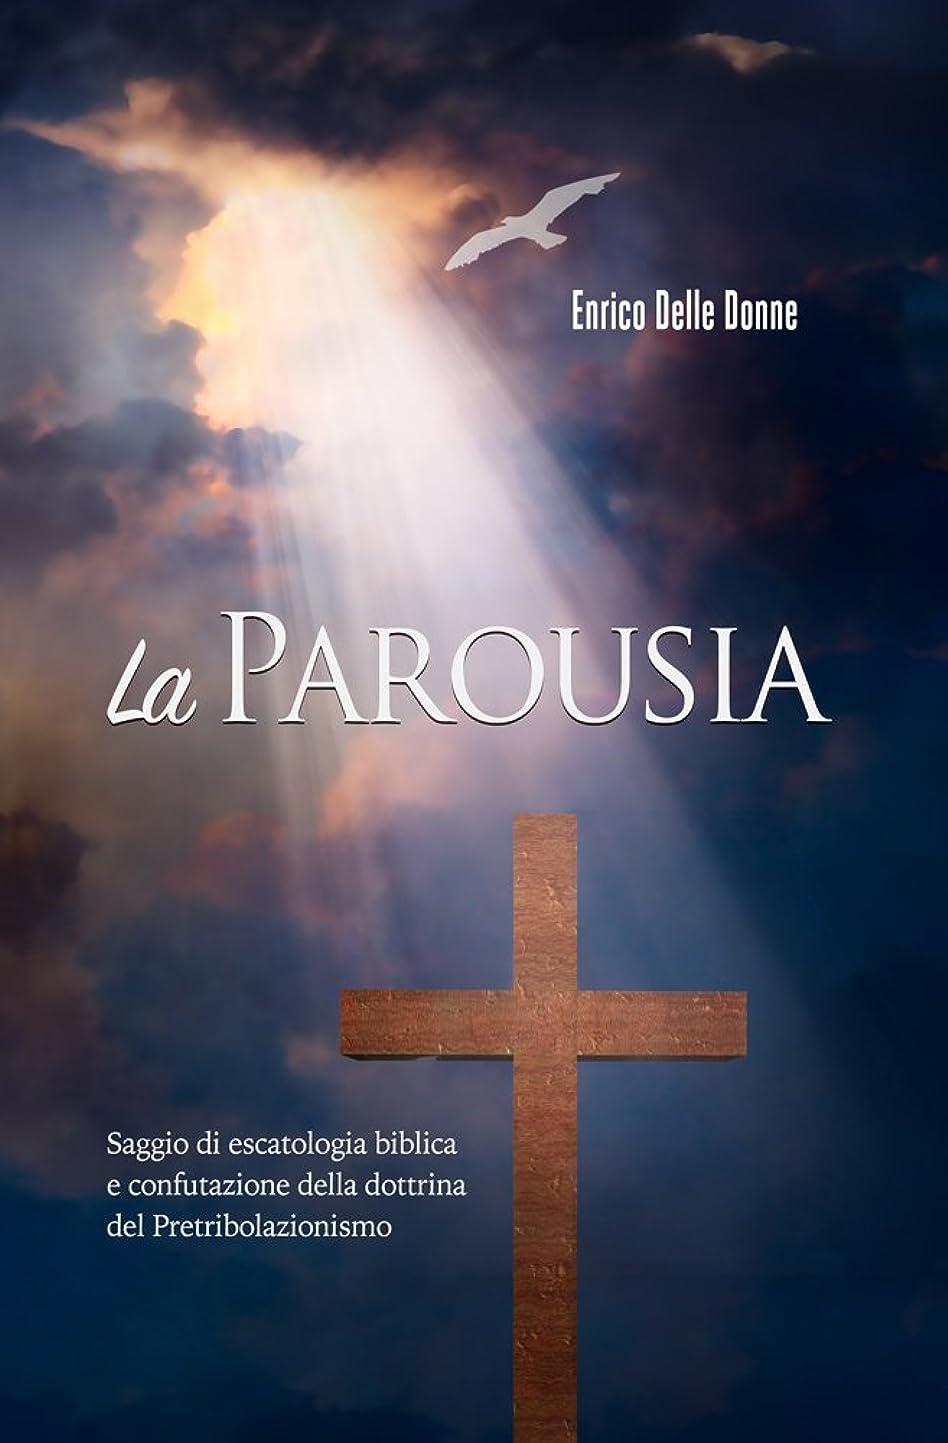 リサイクルする暗殺ウミウシLa Parousia: Saggio di escatologia biblica e confutazione della dottrina del Pretribolazionismo (Italian Edition)